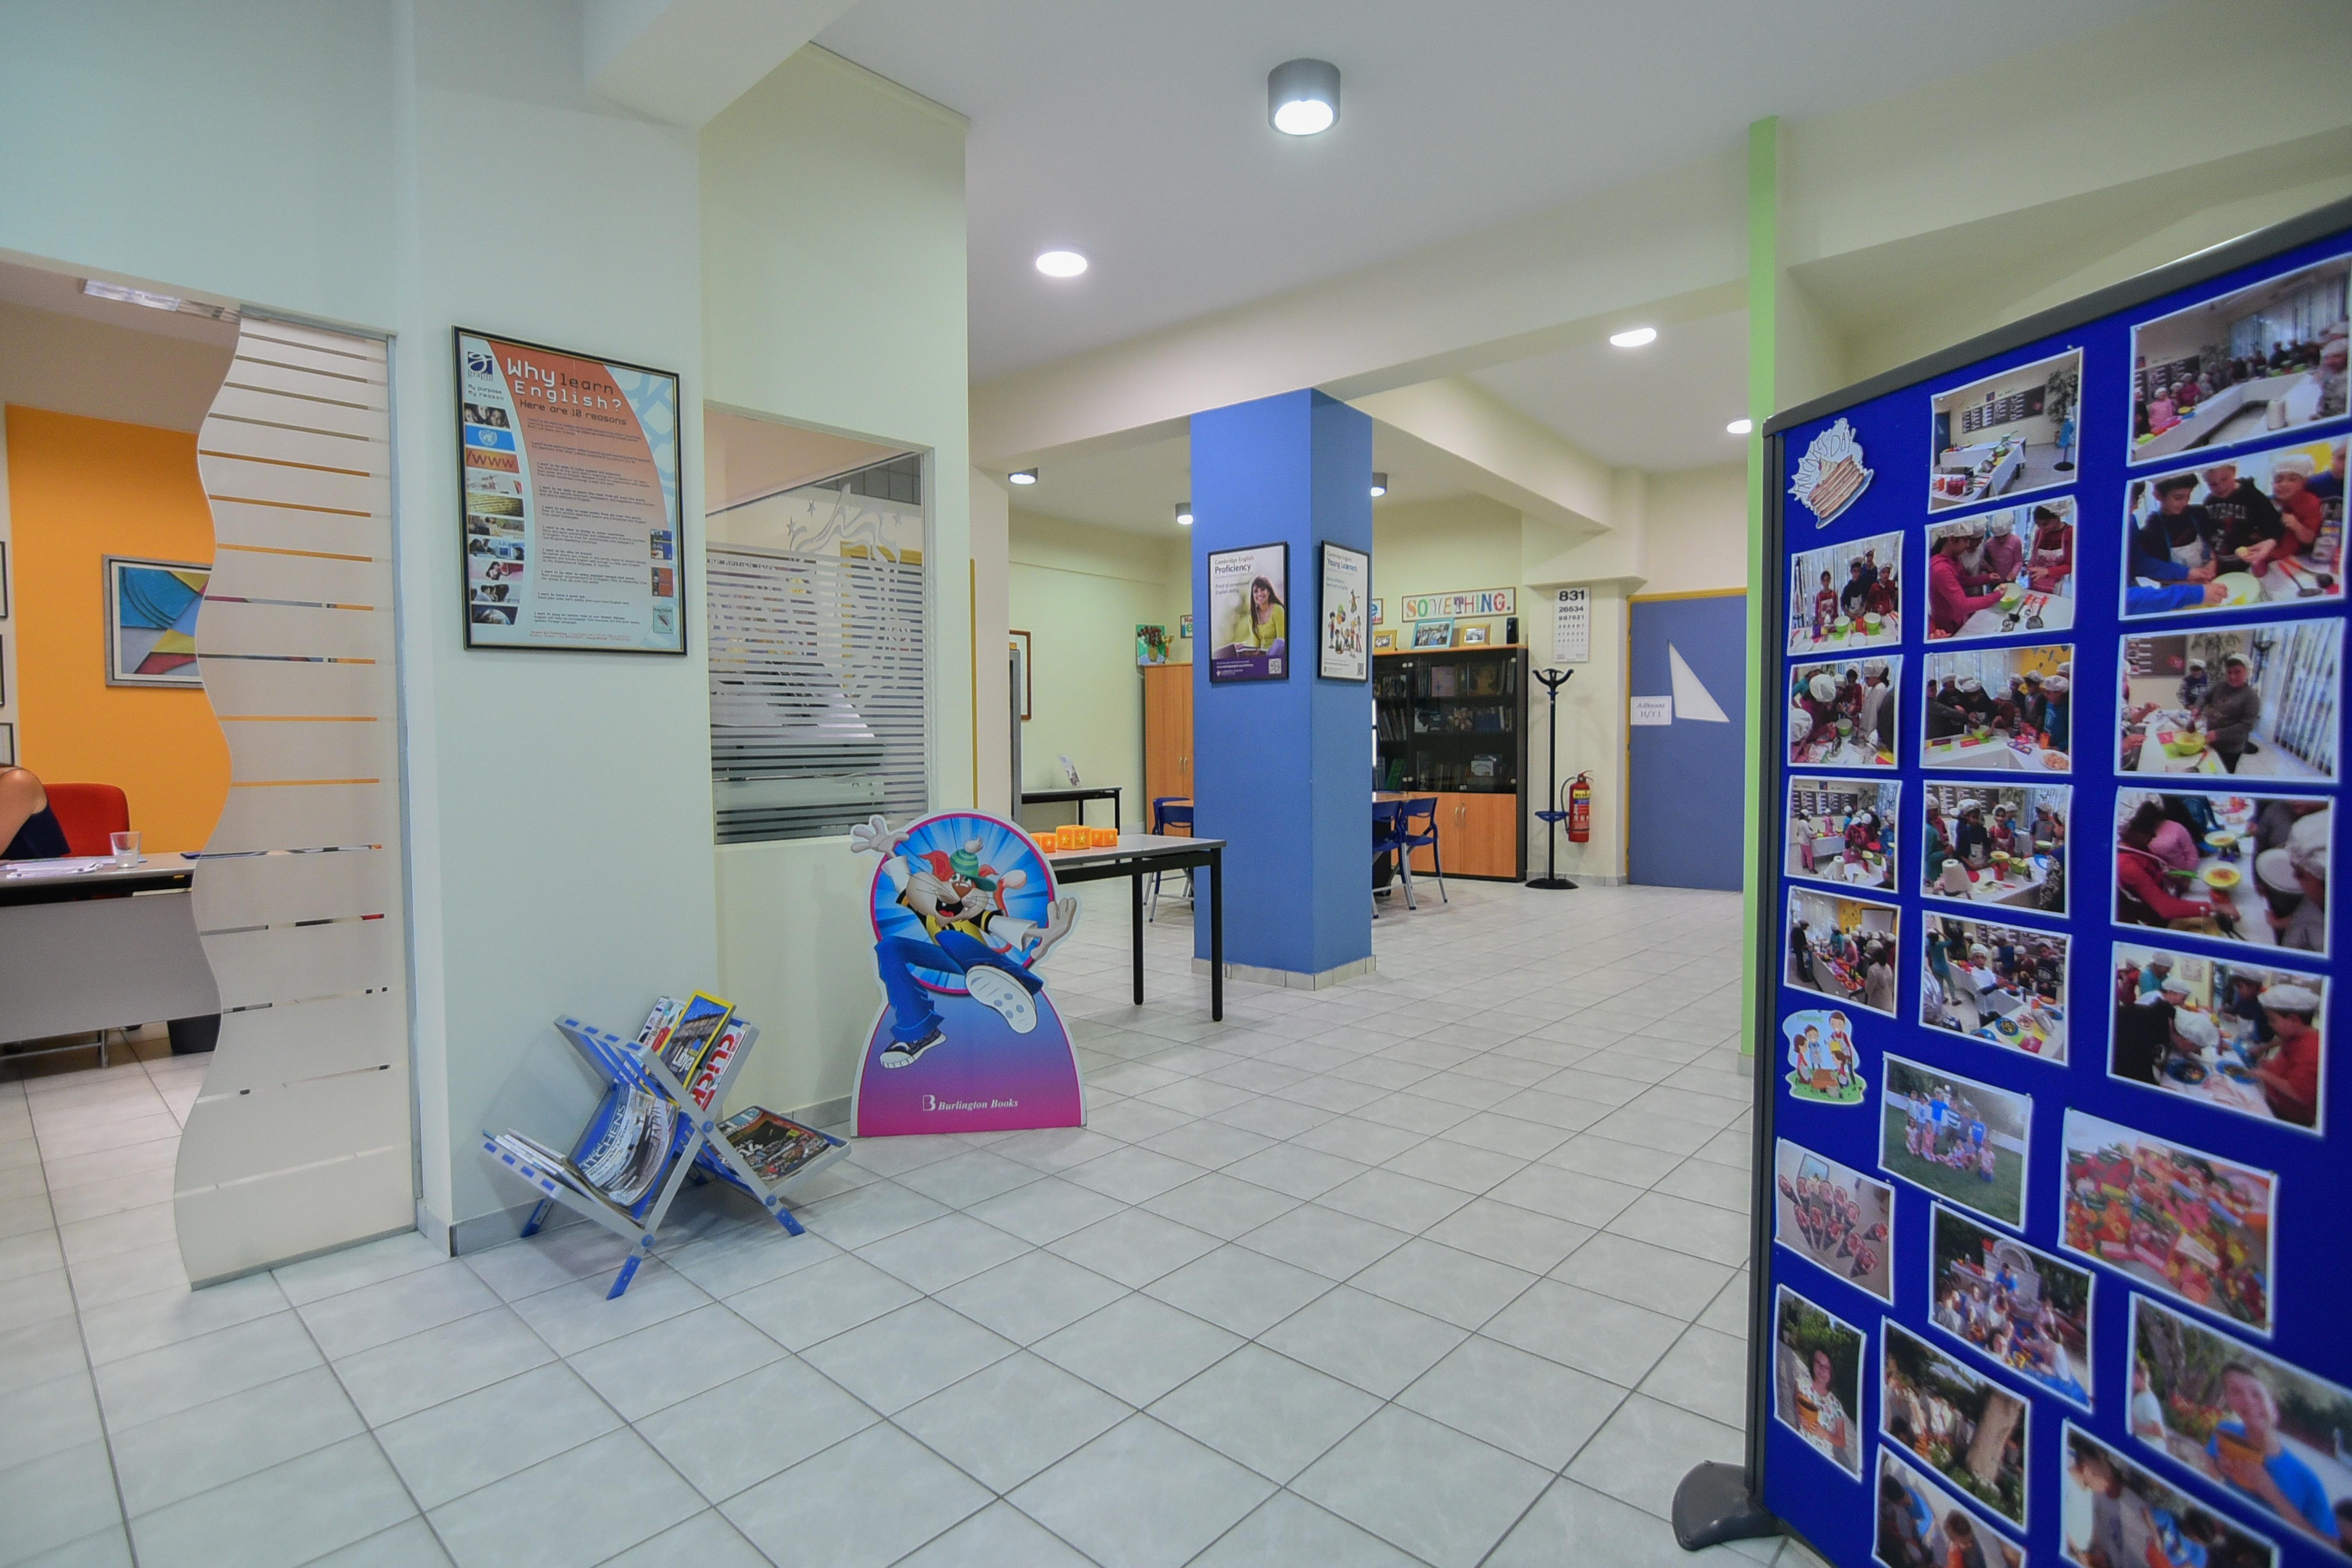 Χώρος αναμονής και γραφεία κεντρικού σχολείου